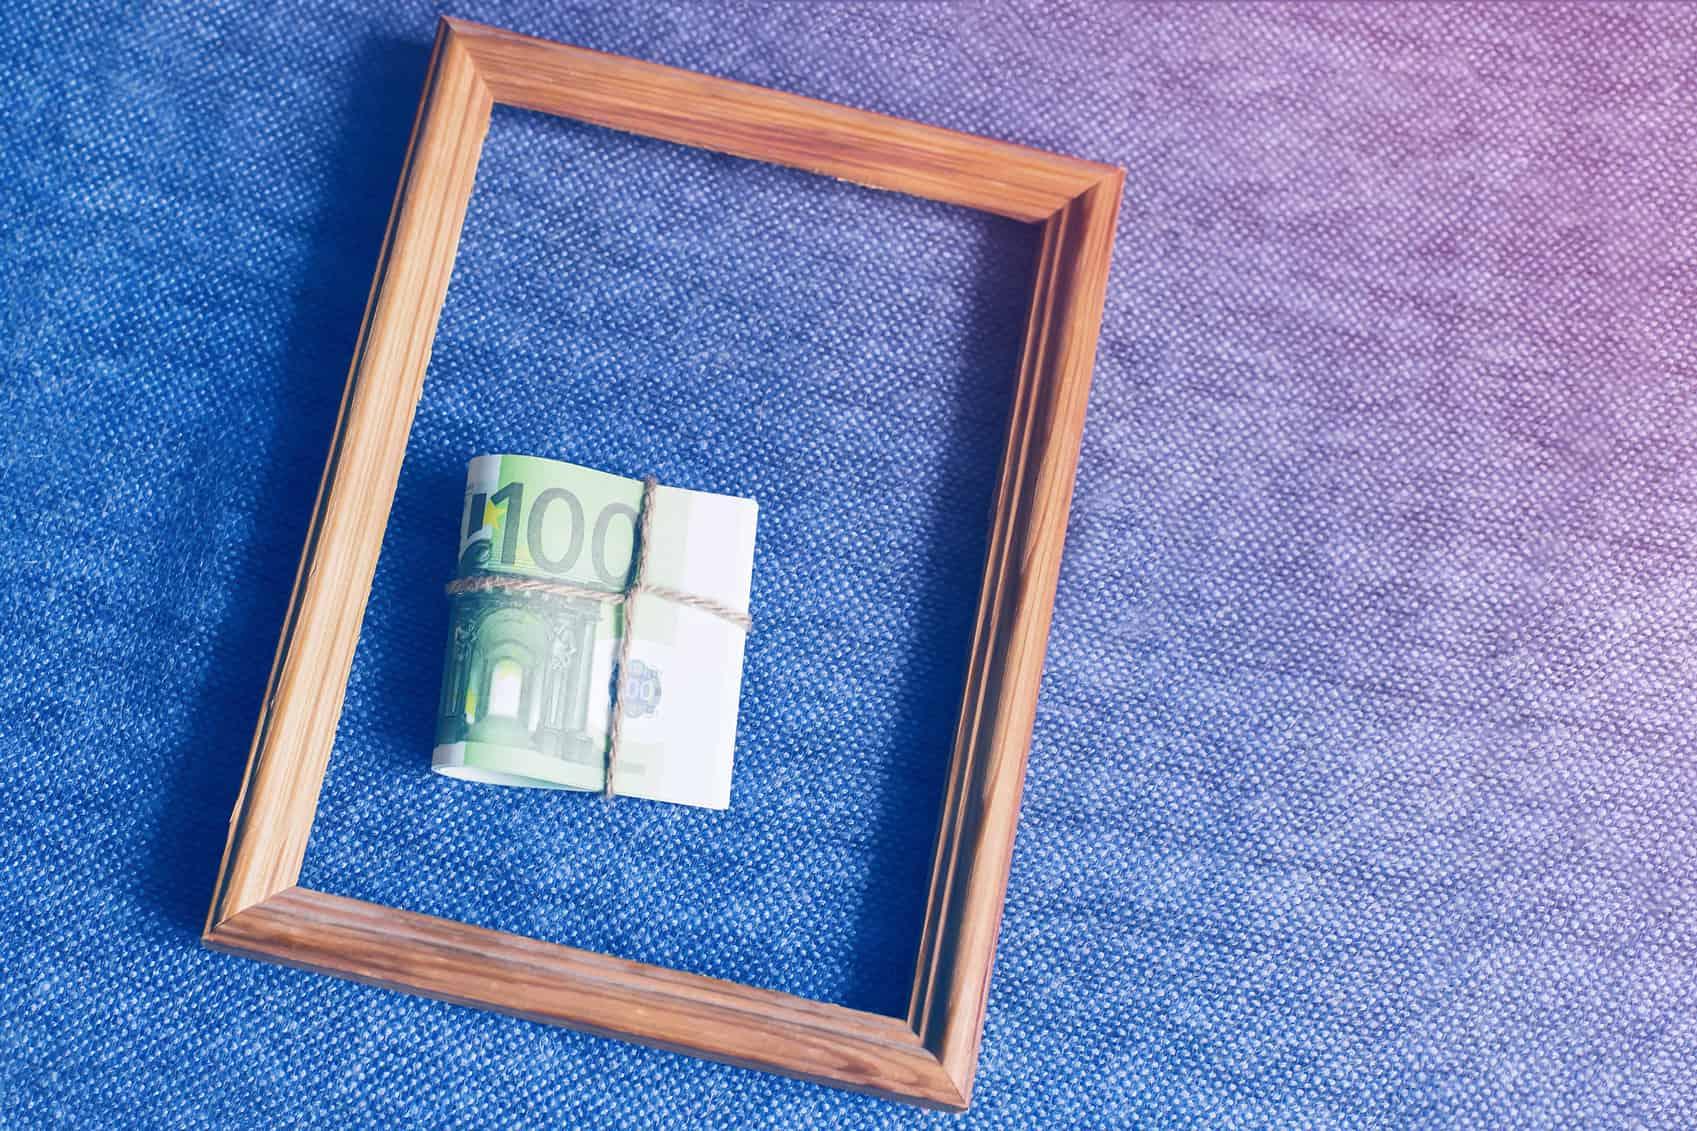 pieniądze na ścianie - inwestycja w sztukę